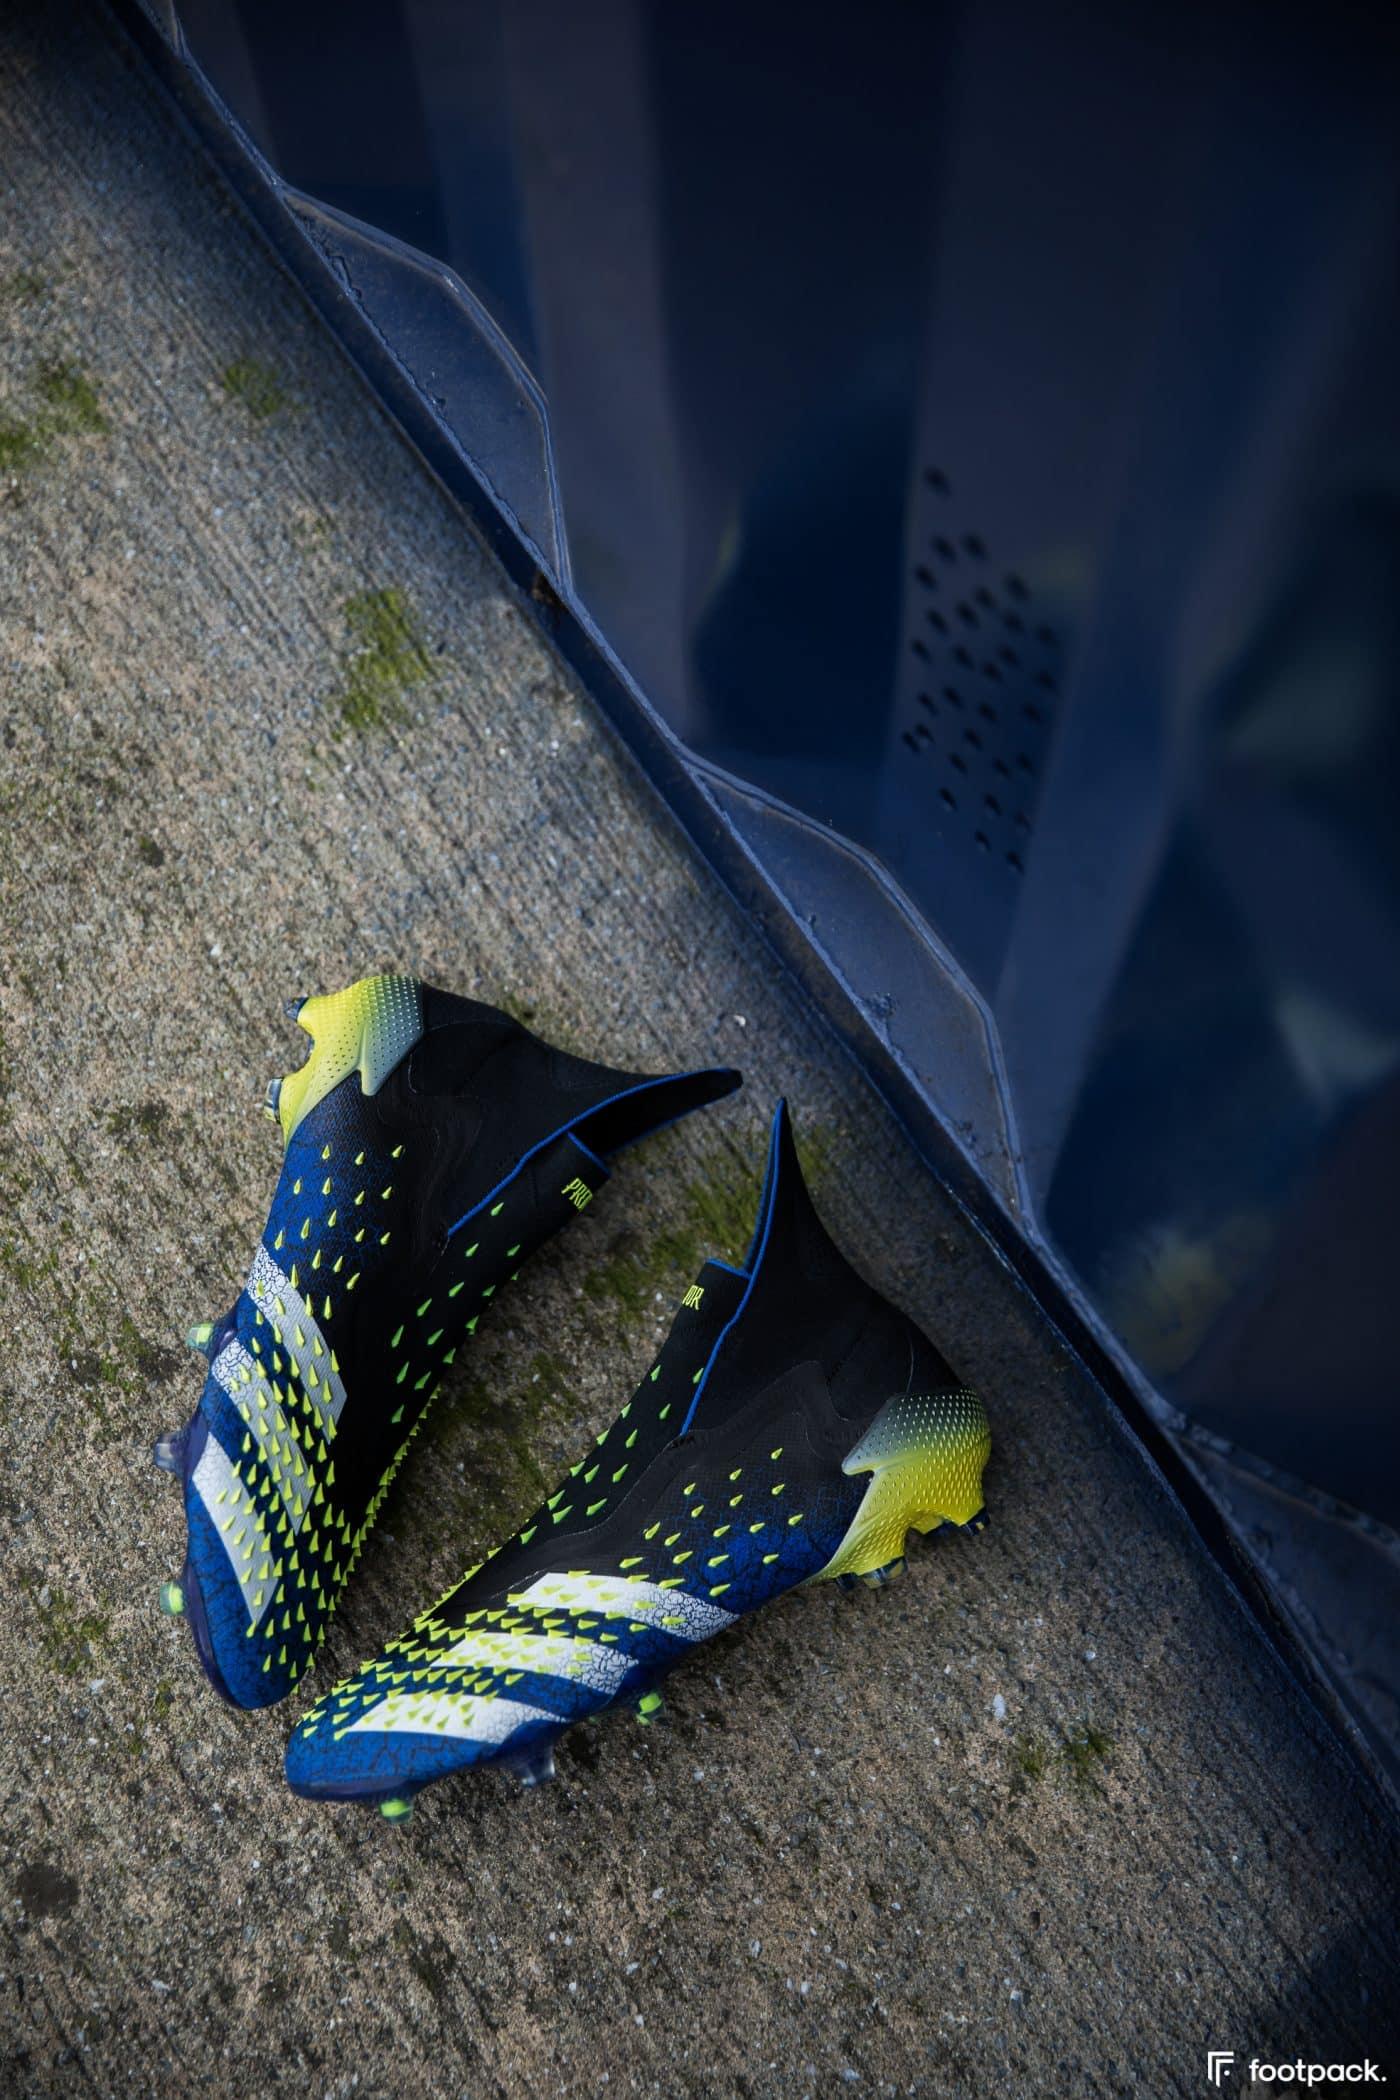 adidas-predator-freak-21-footpack-4